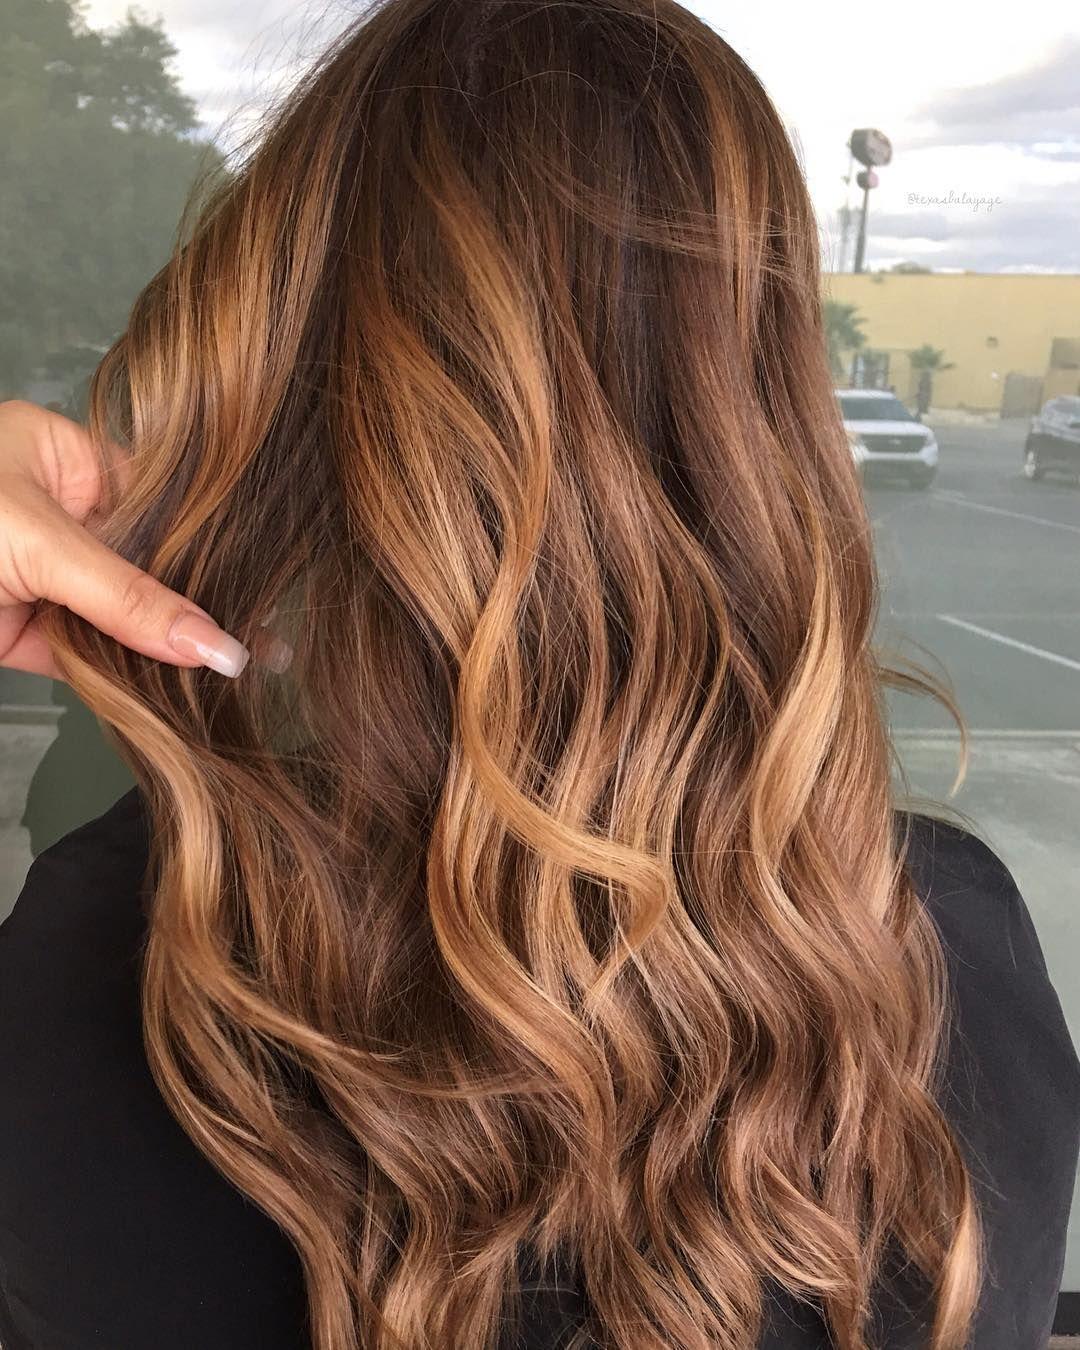 Beste 47 Bilder von kurzen glatten blonden Haaren #haare #haarschnitt #frisuren #trendfrisuren #kurze #kurzehaare #kurzhaarfrisuren